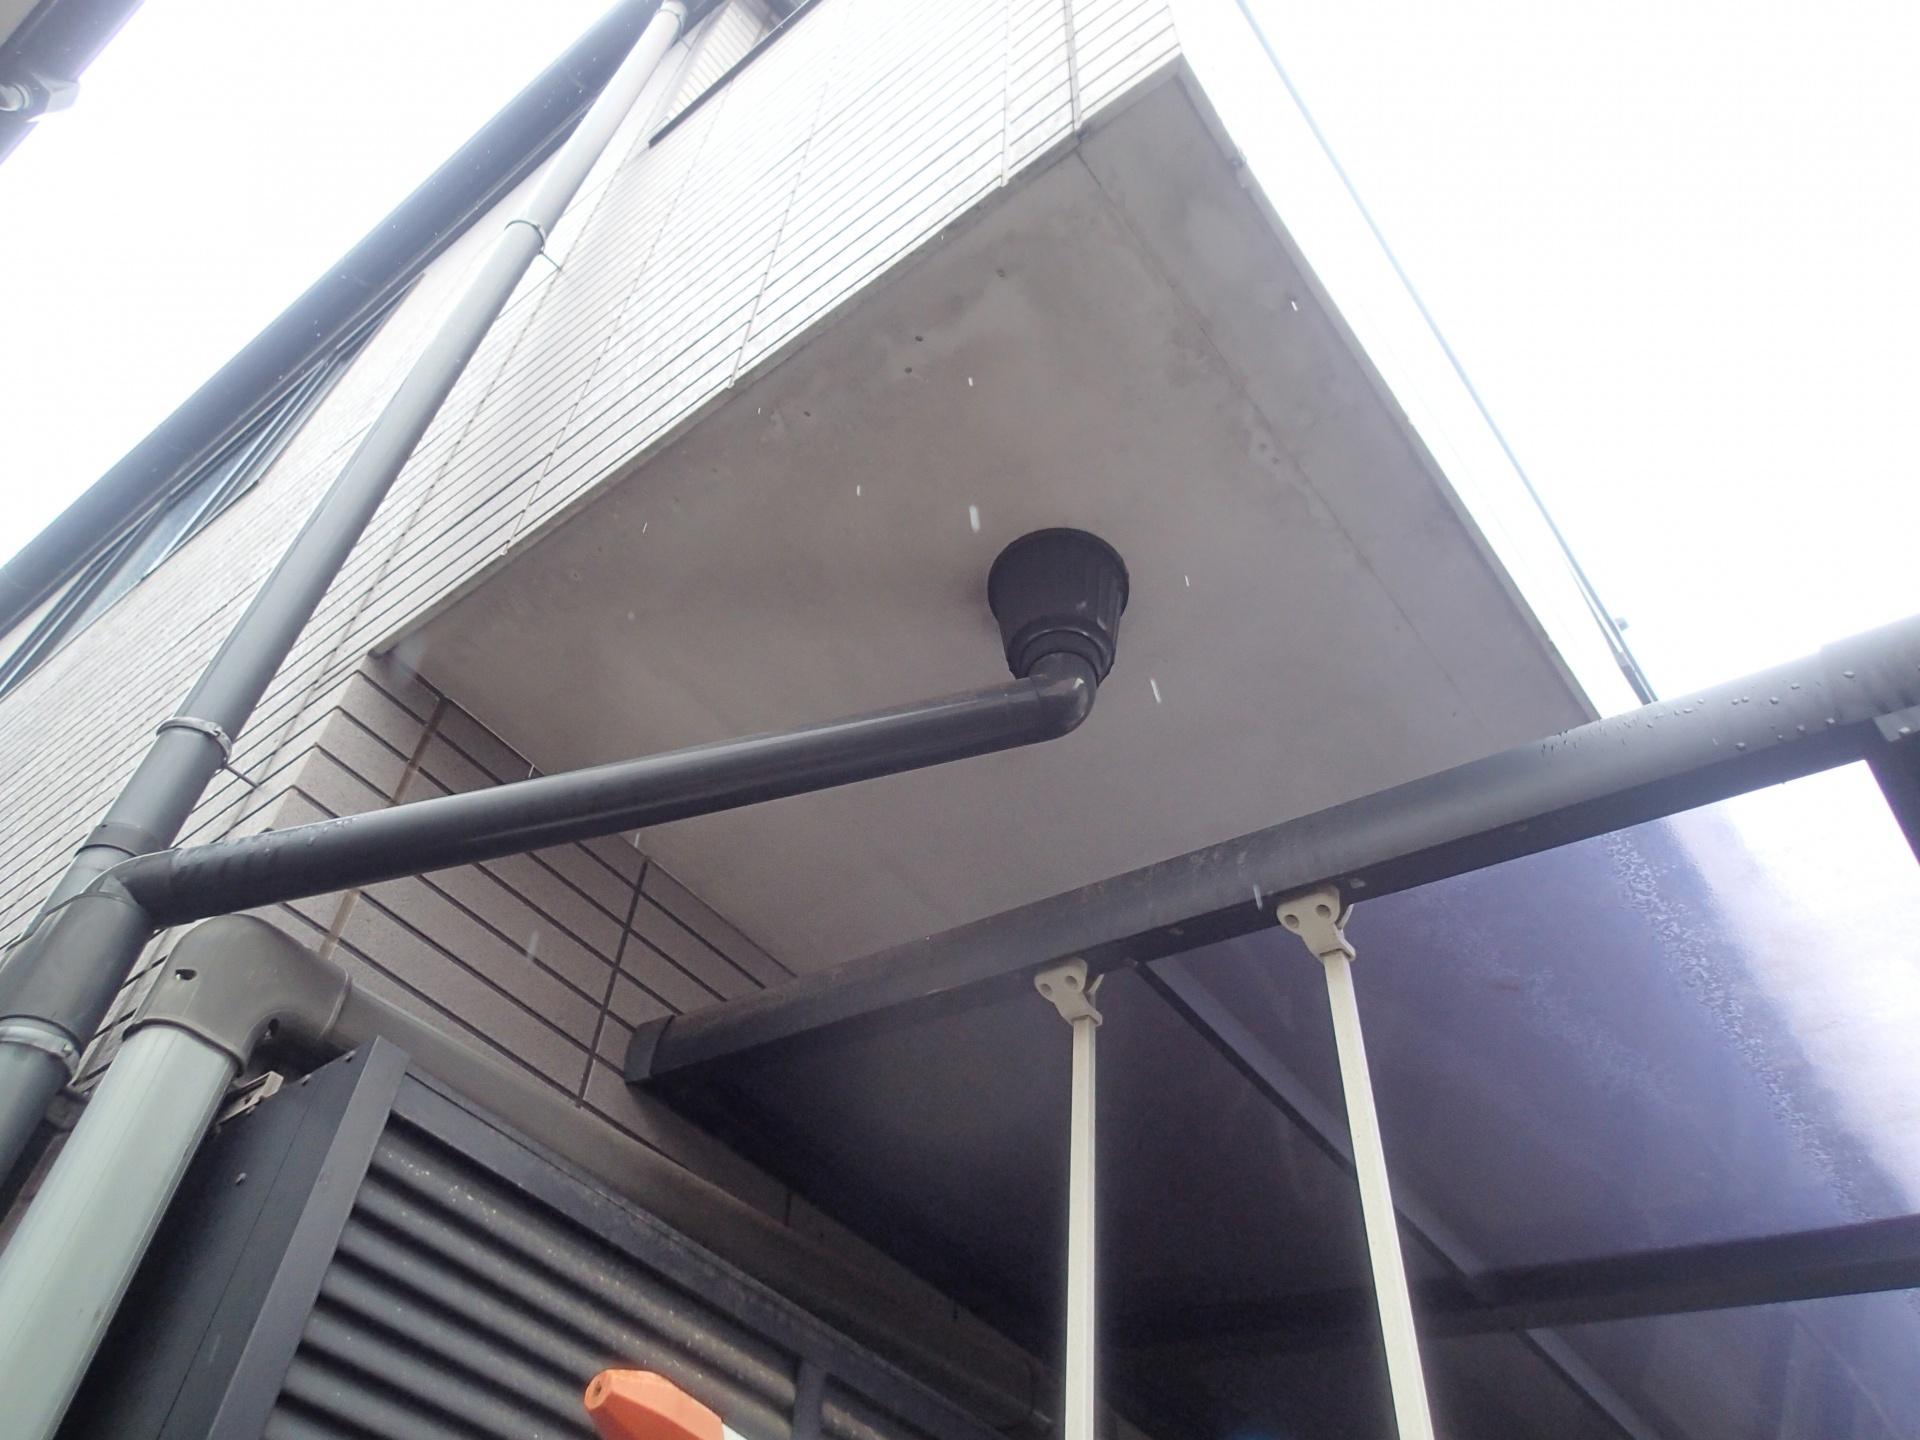 八千代市のプレハブ折板屋根雨漏りはどこから?